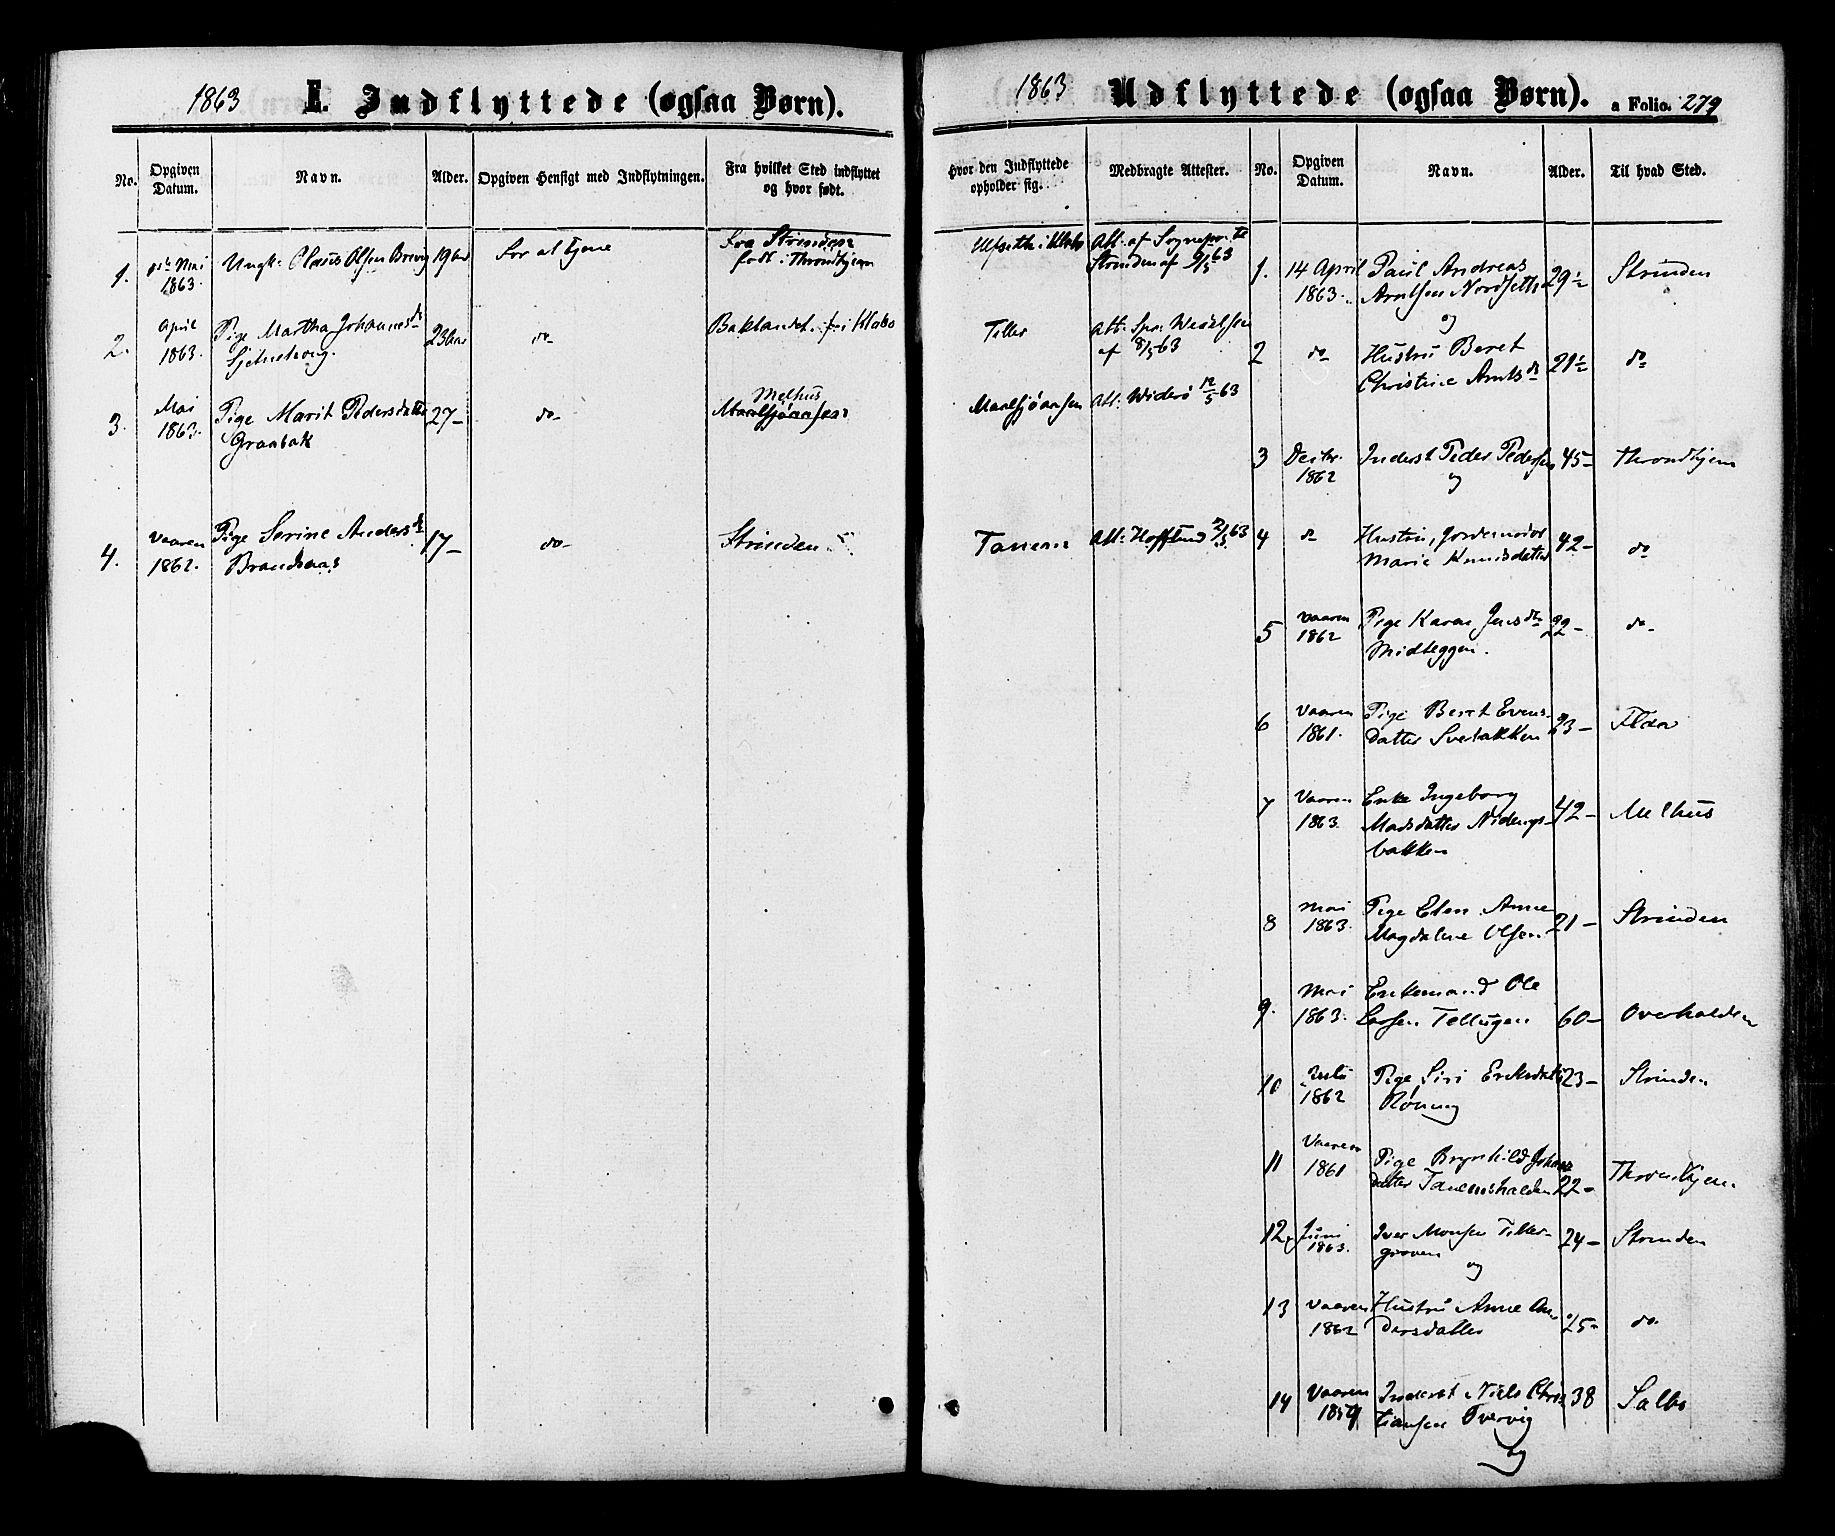 SAT, Ministerialprotokoller, klokkerbøker og fødselsregistre - Sør-Trøndelag, 618/L0442: Ministerialbok nr. 618A06 /1, 1863-1879, s. 279